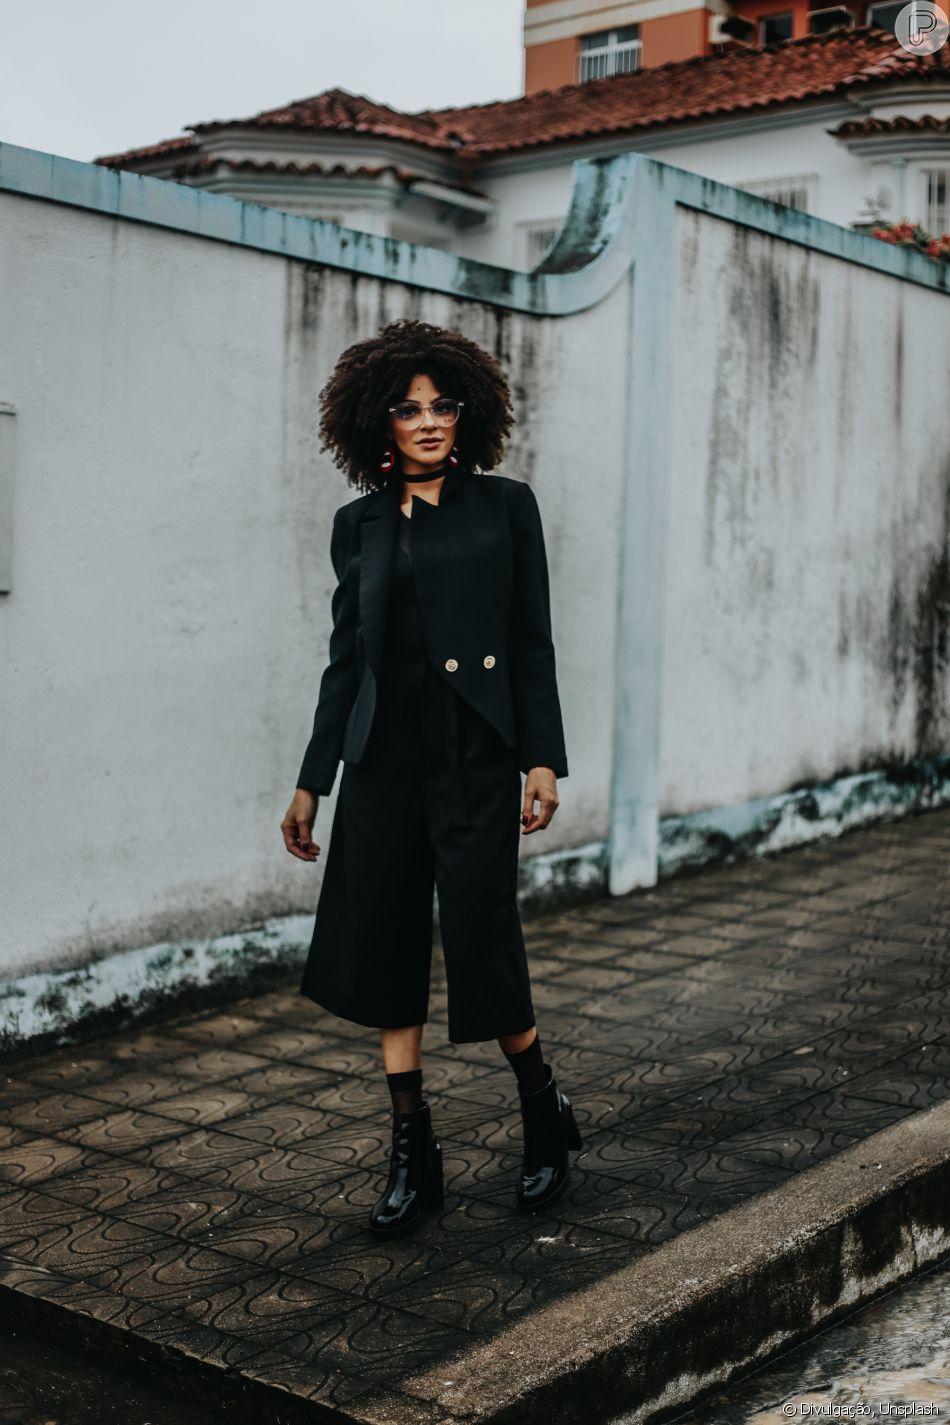 d40eab17749e3 Calça pantacourt e botas pretas garantem um look de trabalho estiloso e  discreto